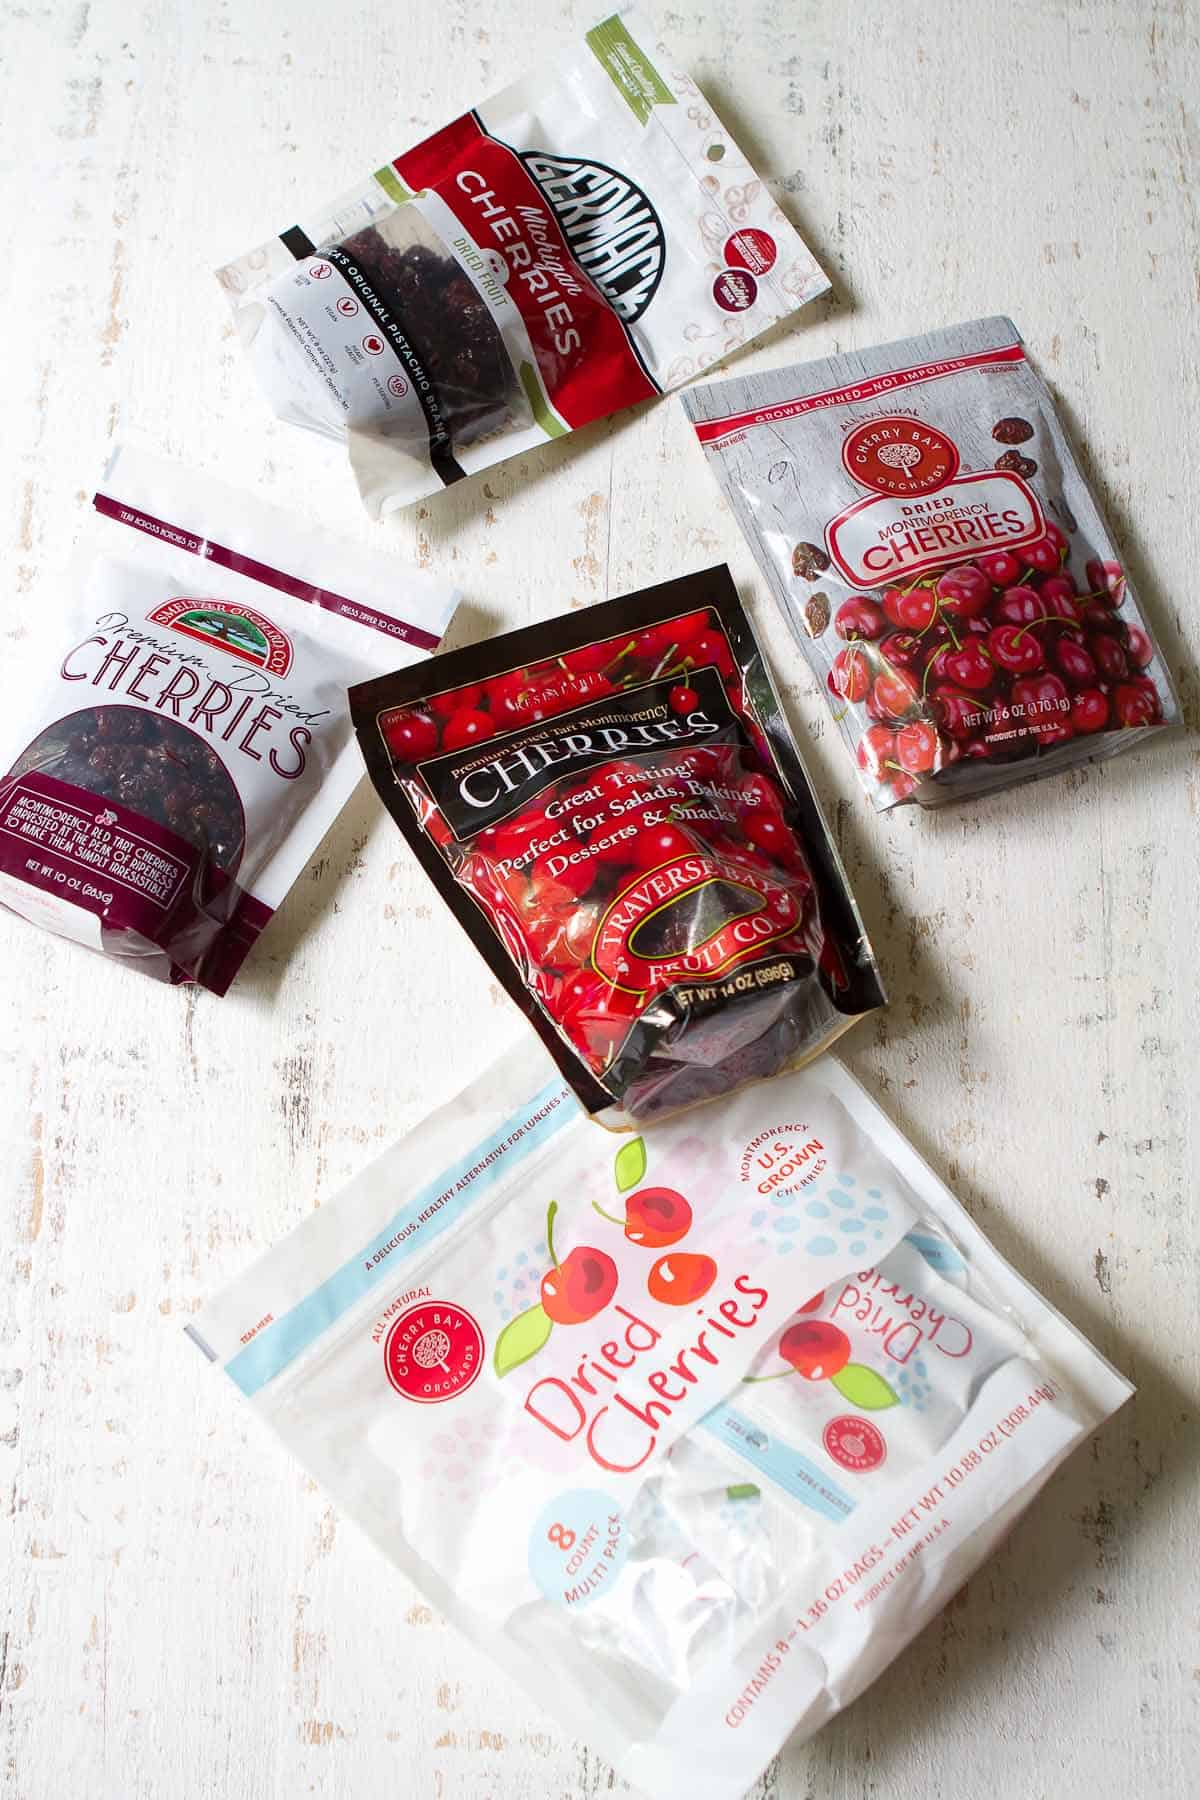 Five packages of U.S. grown Montorency tart cherries